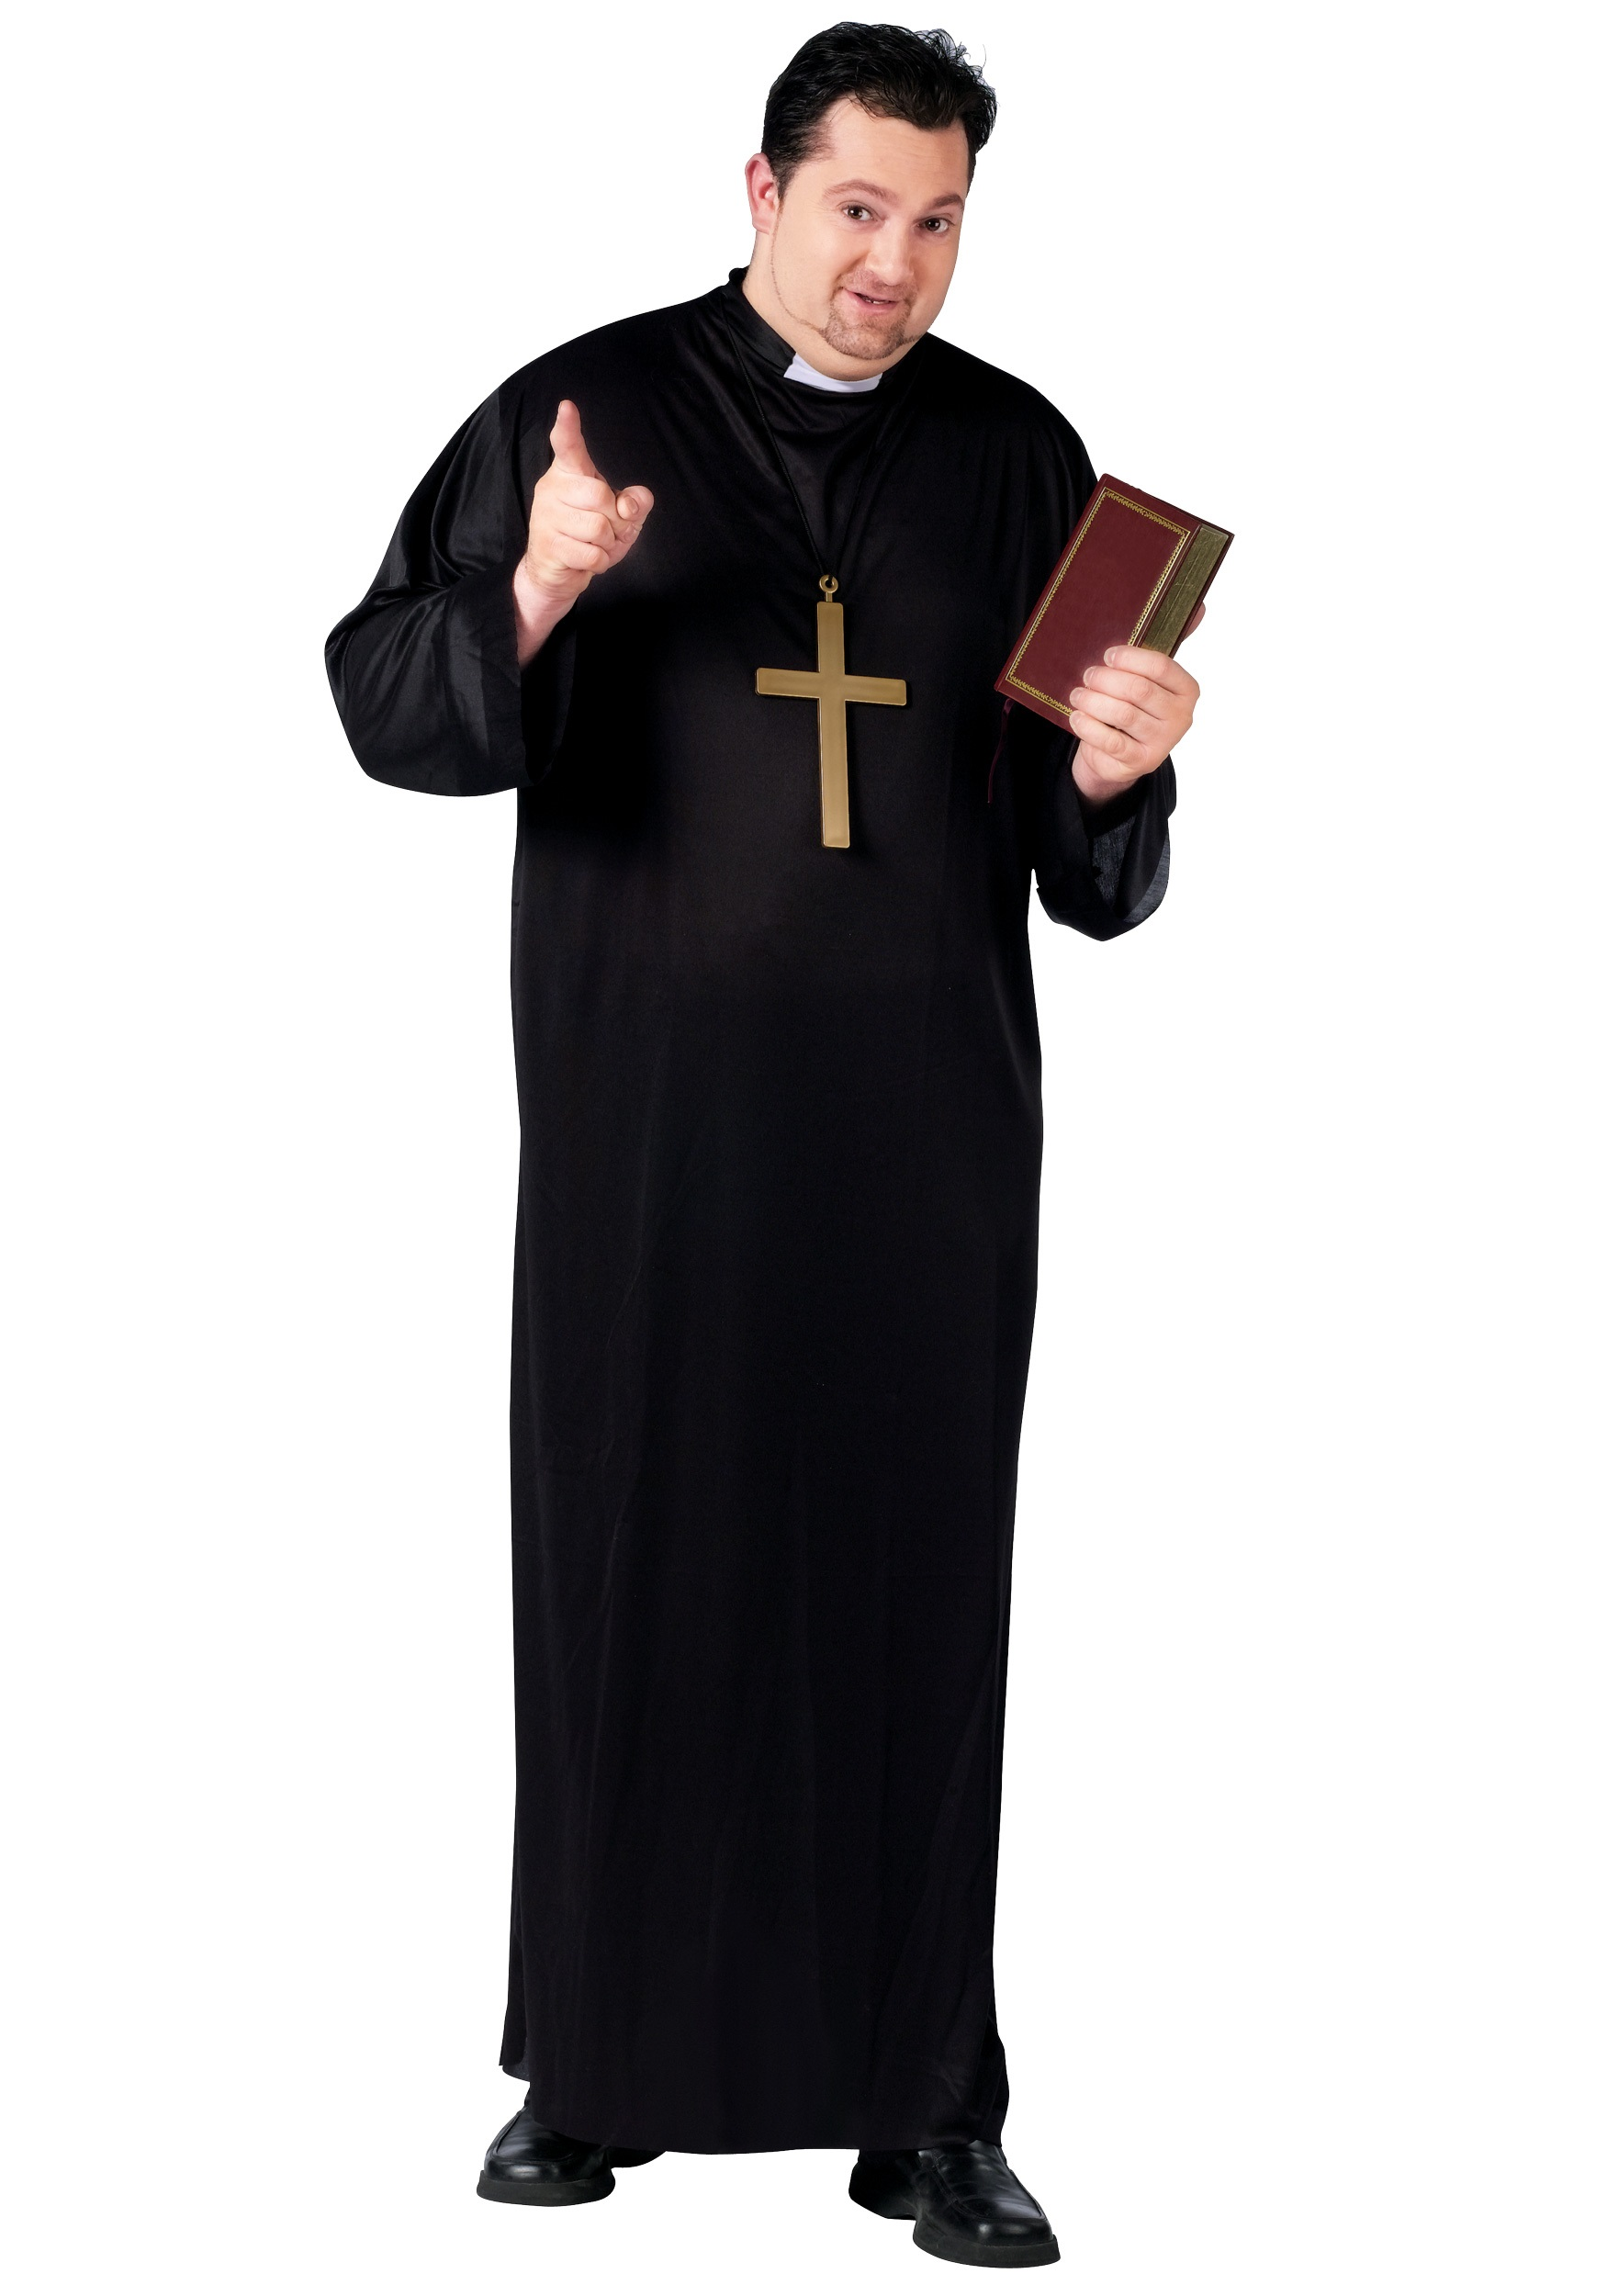 Plus Size Priest Costume